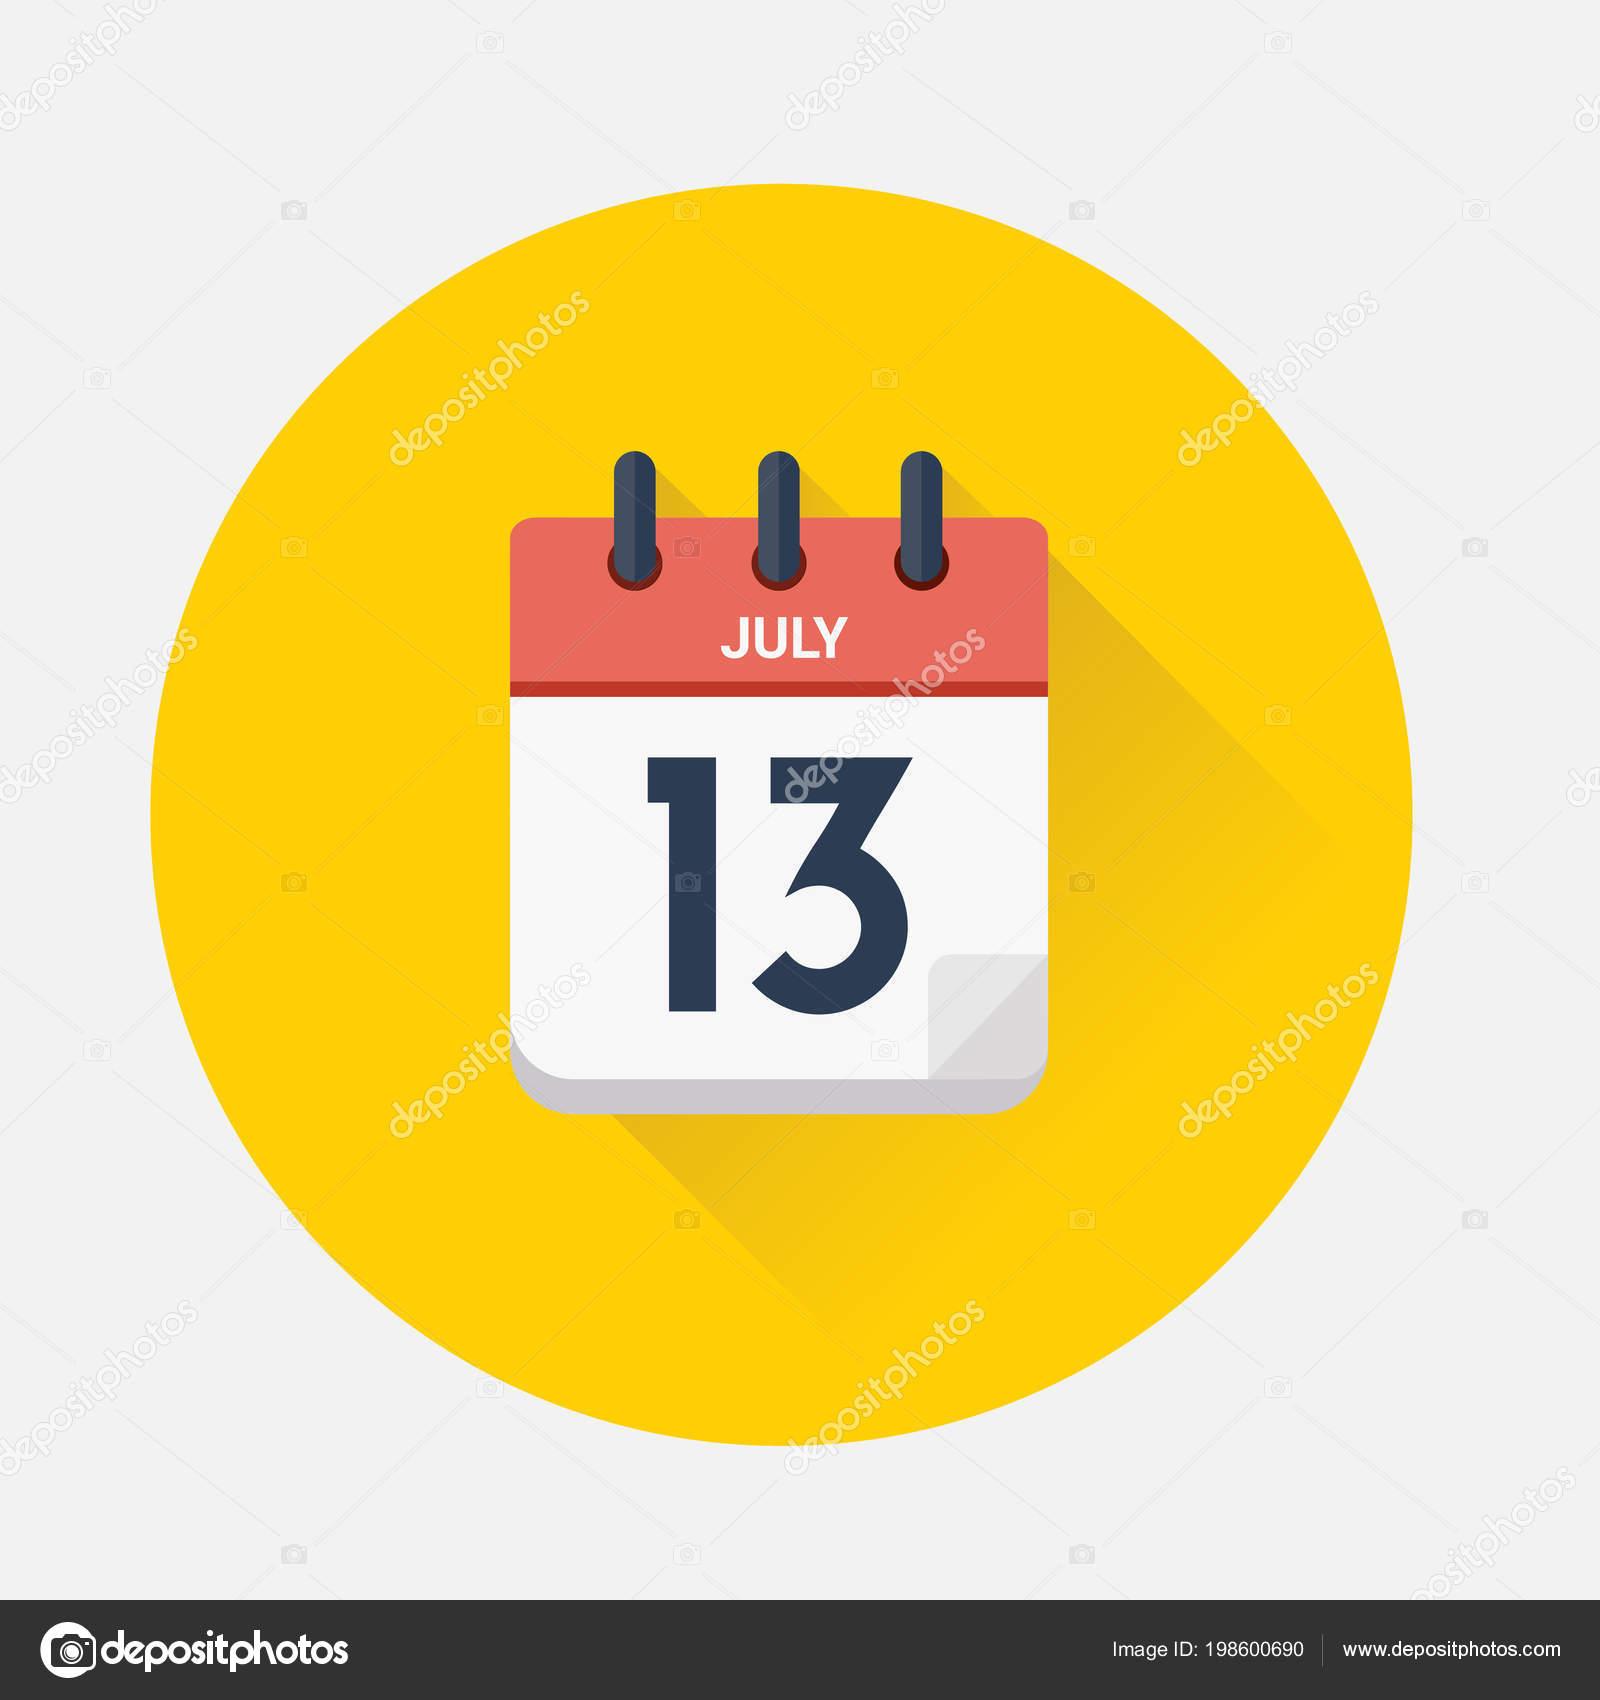 Calendario Giorno.Illustrazione Vettore Calendario Giorno Con Data Luglio 2018